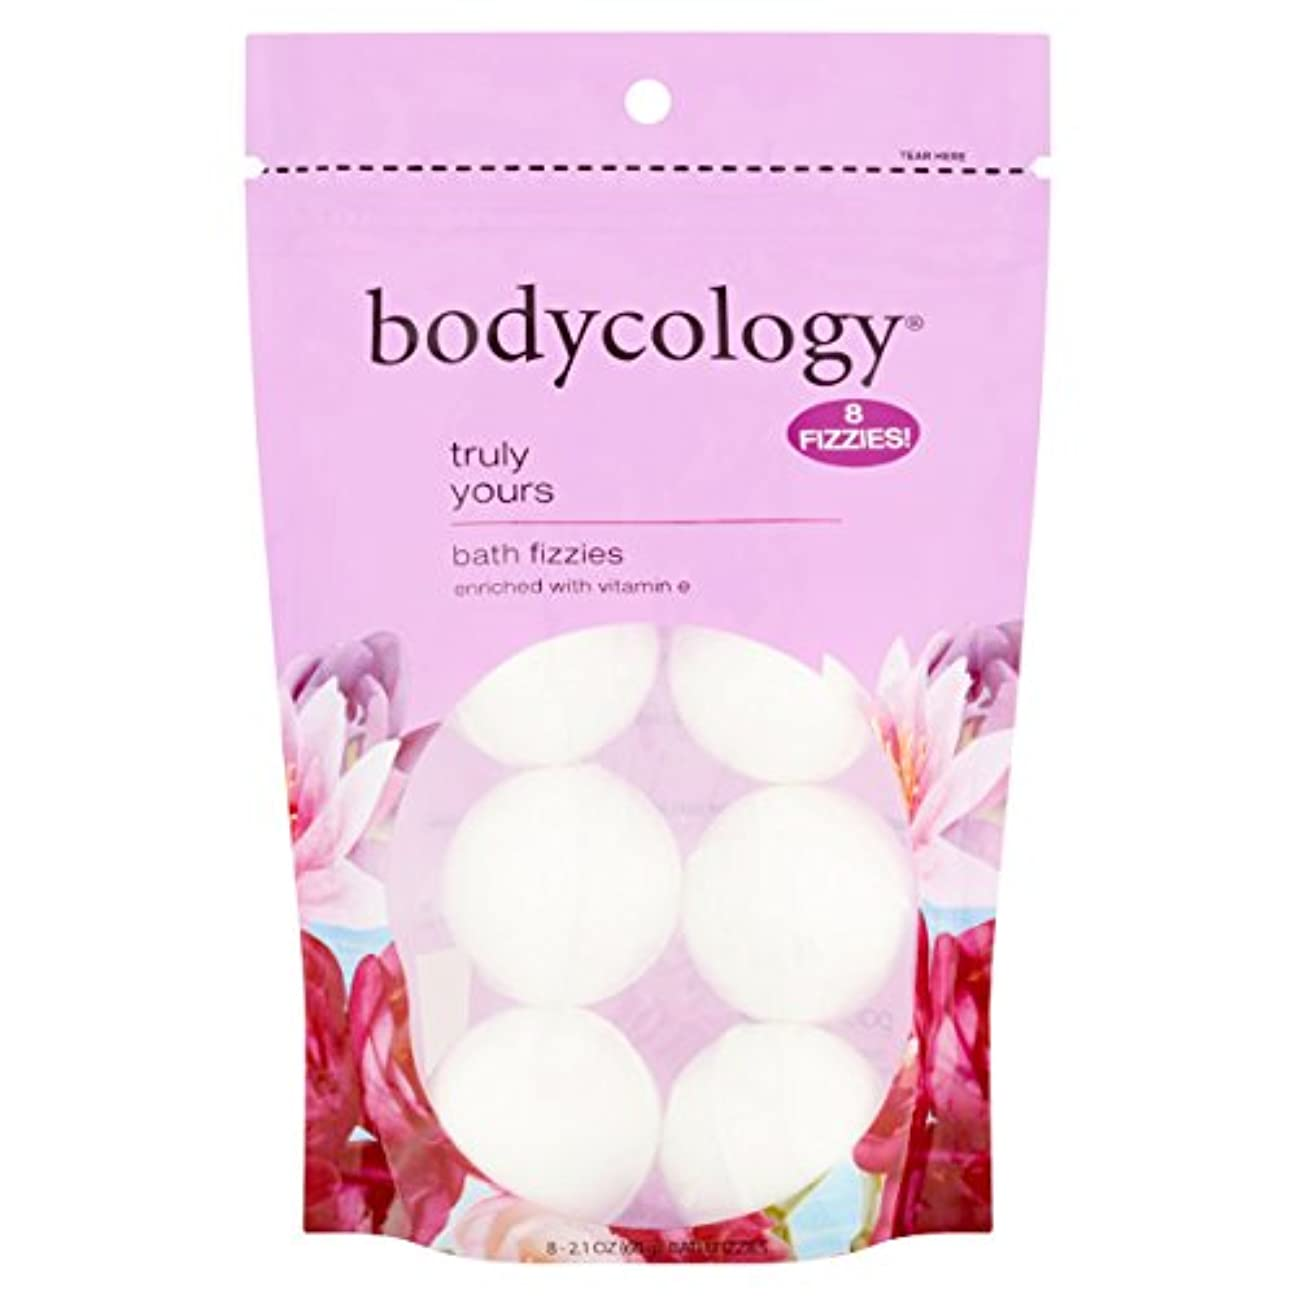 平和な嵐の礼儀Bodycology 敬具バースFizzies爆弾8から2.1オズボールを浸し